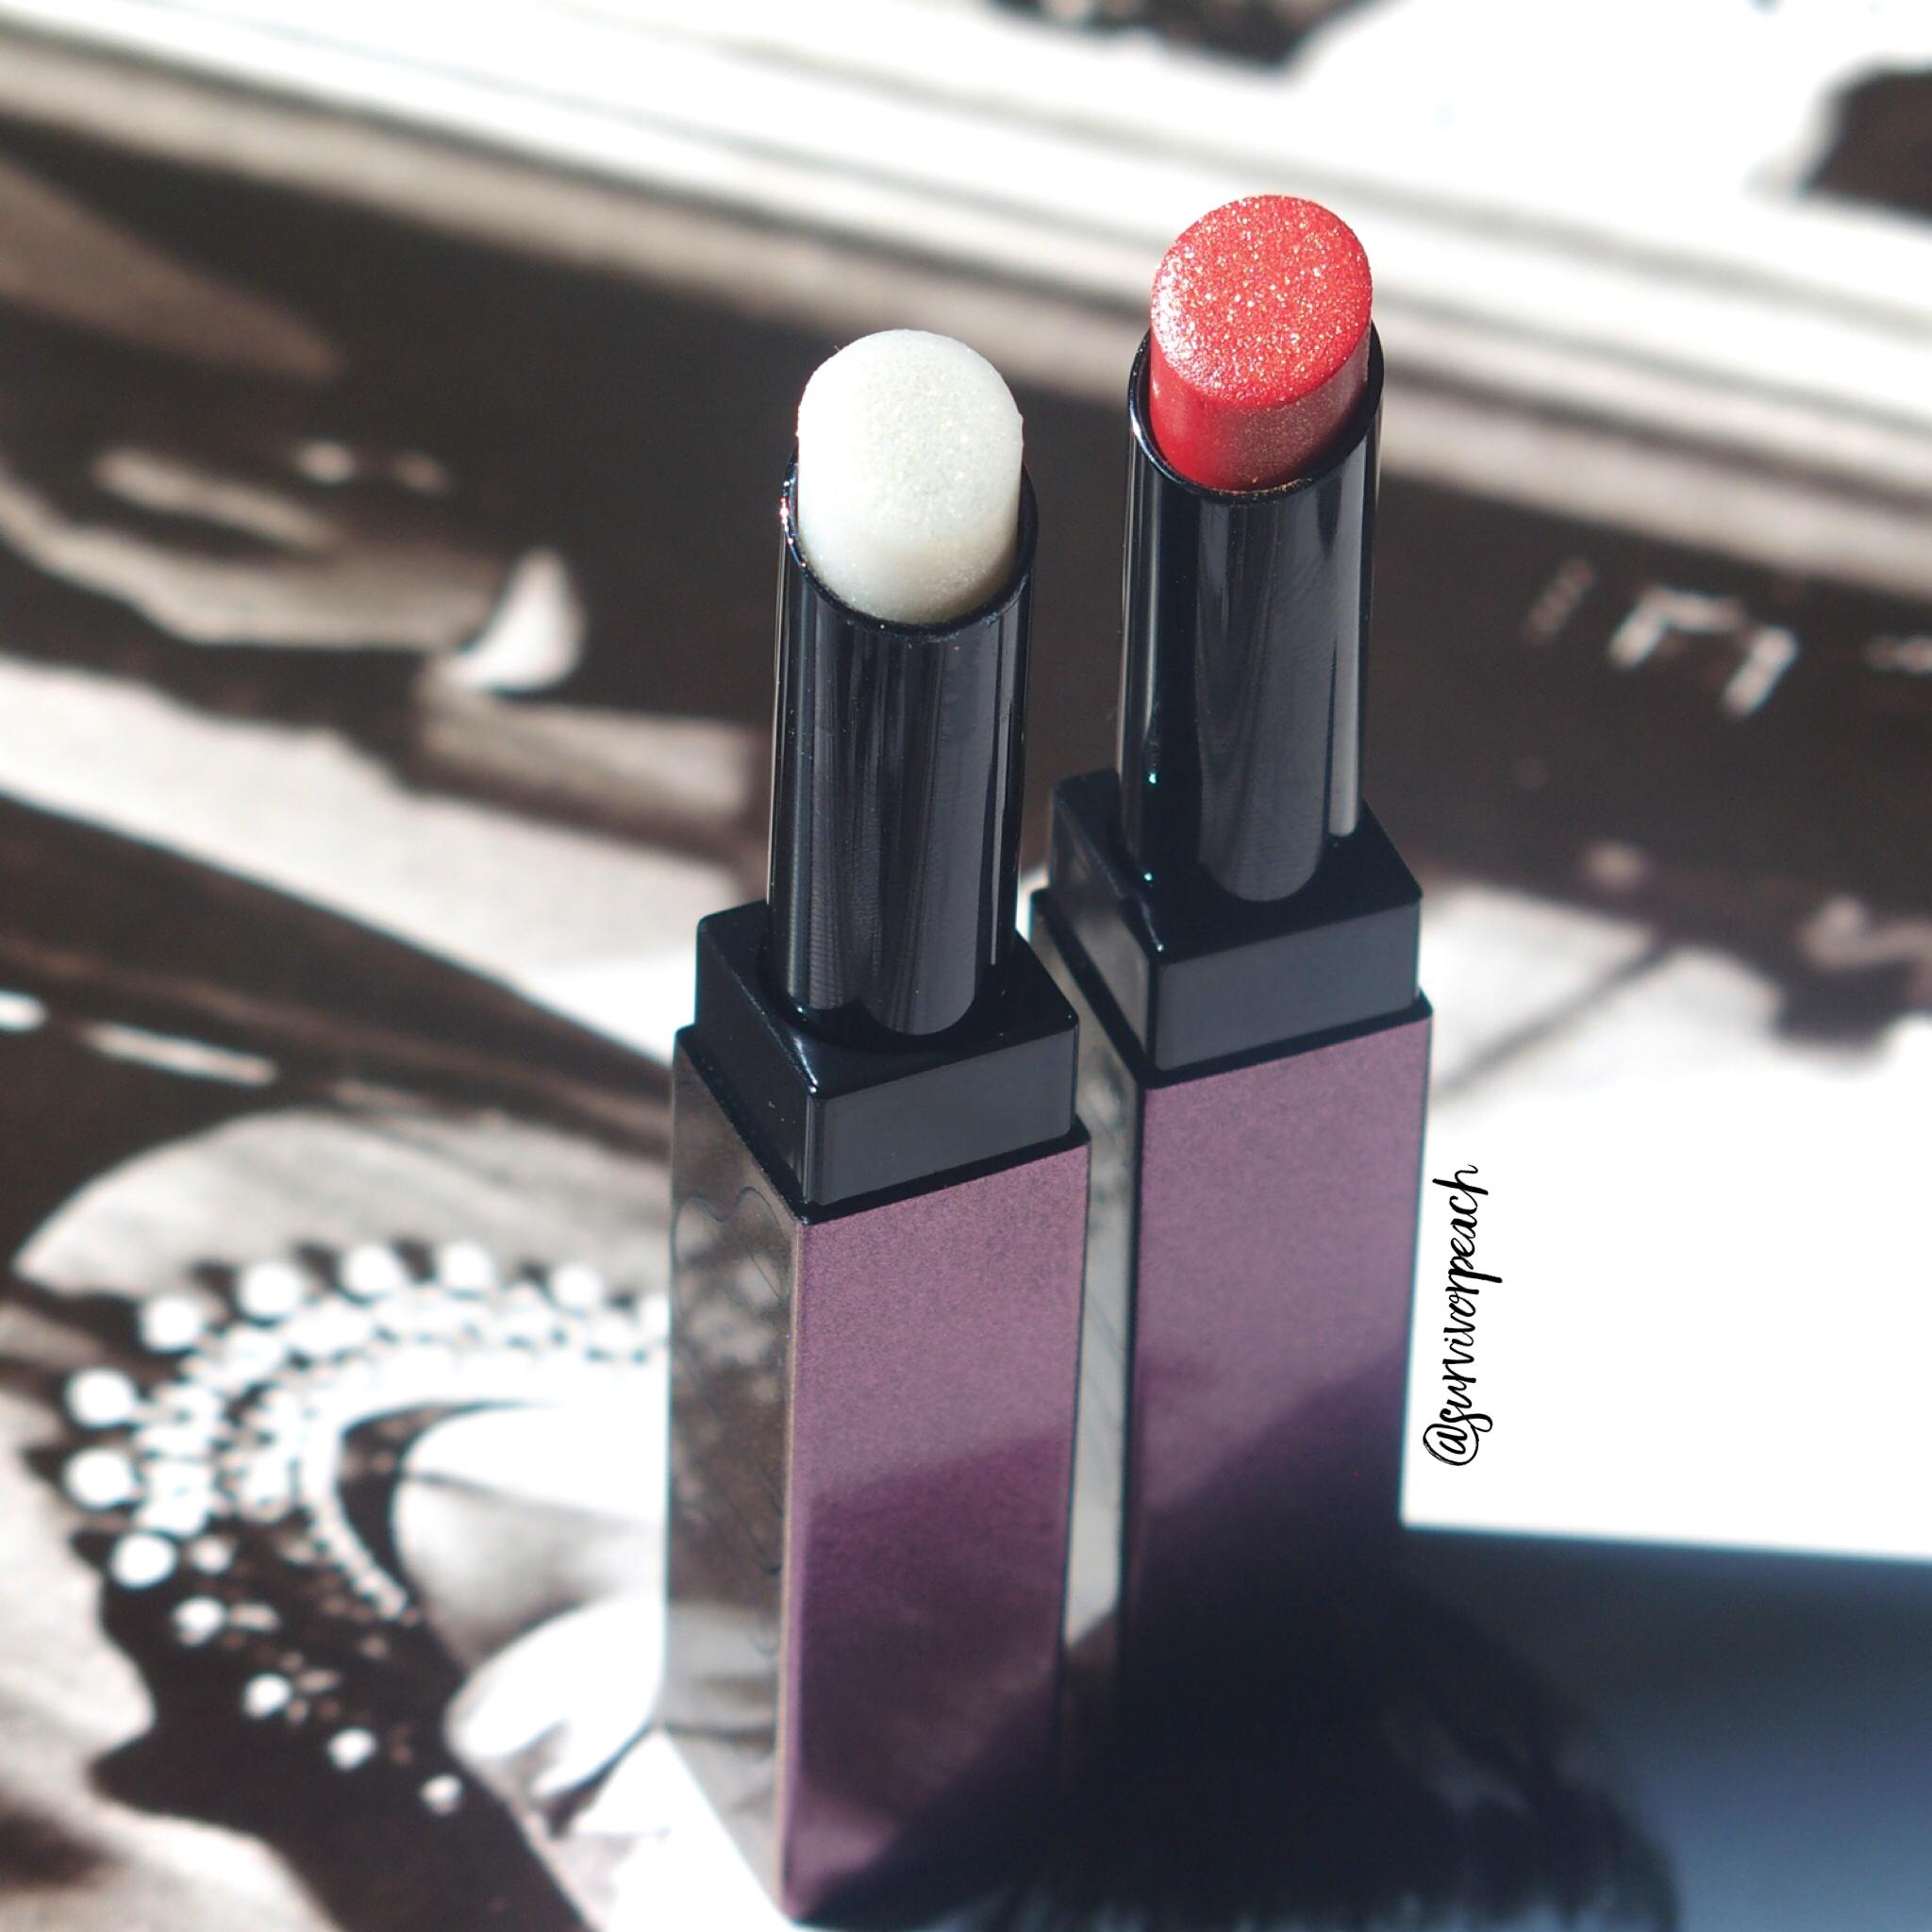 Surratt Prismatique Lips in shades Diamantee and Haute Monde.